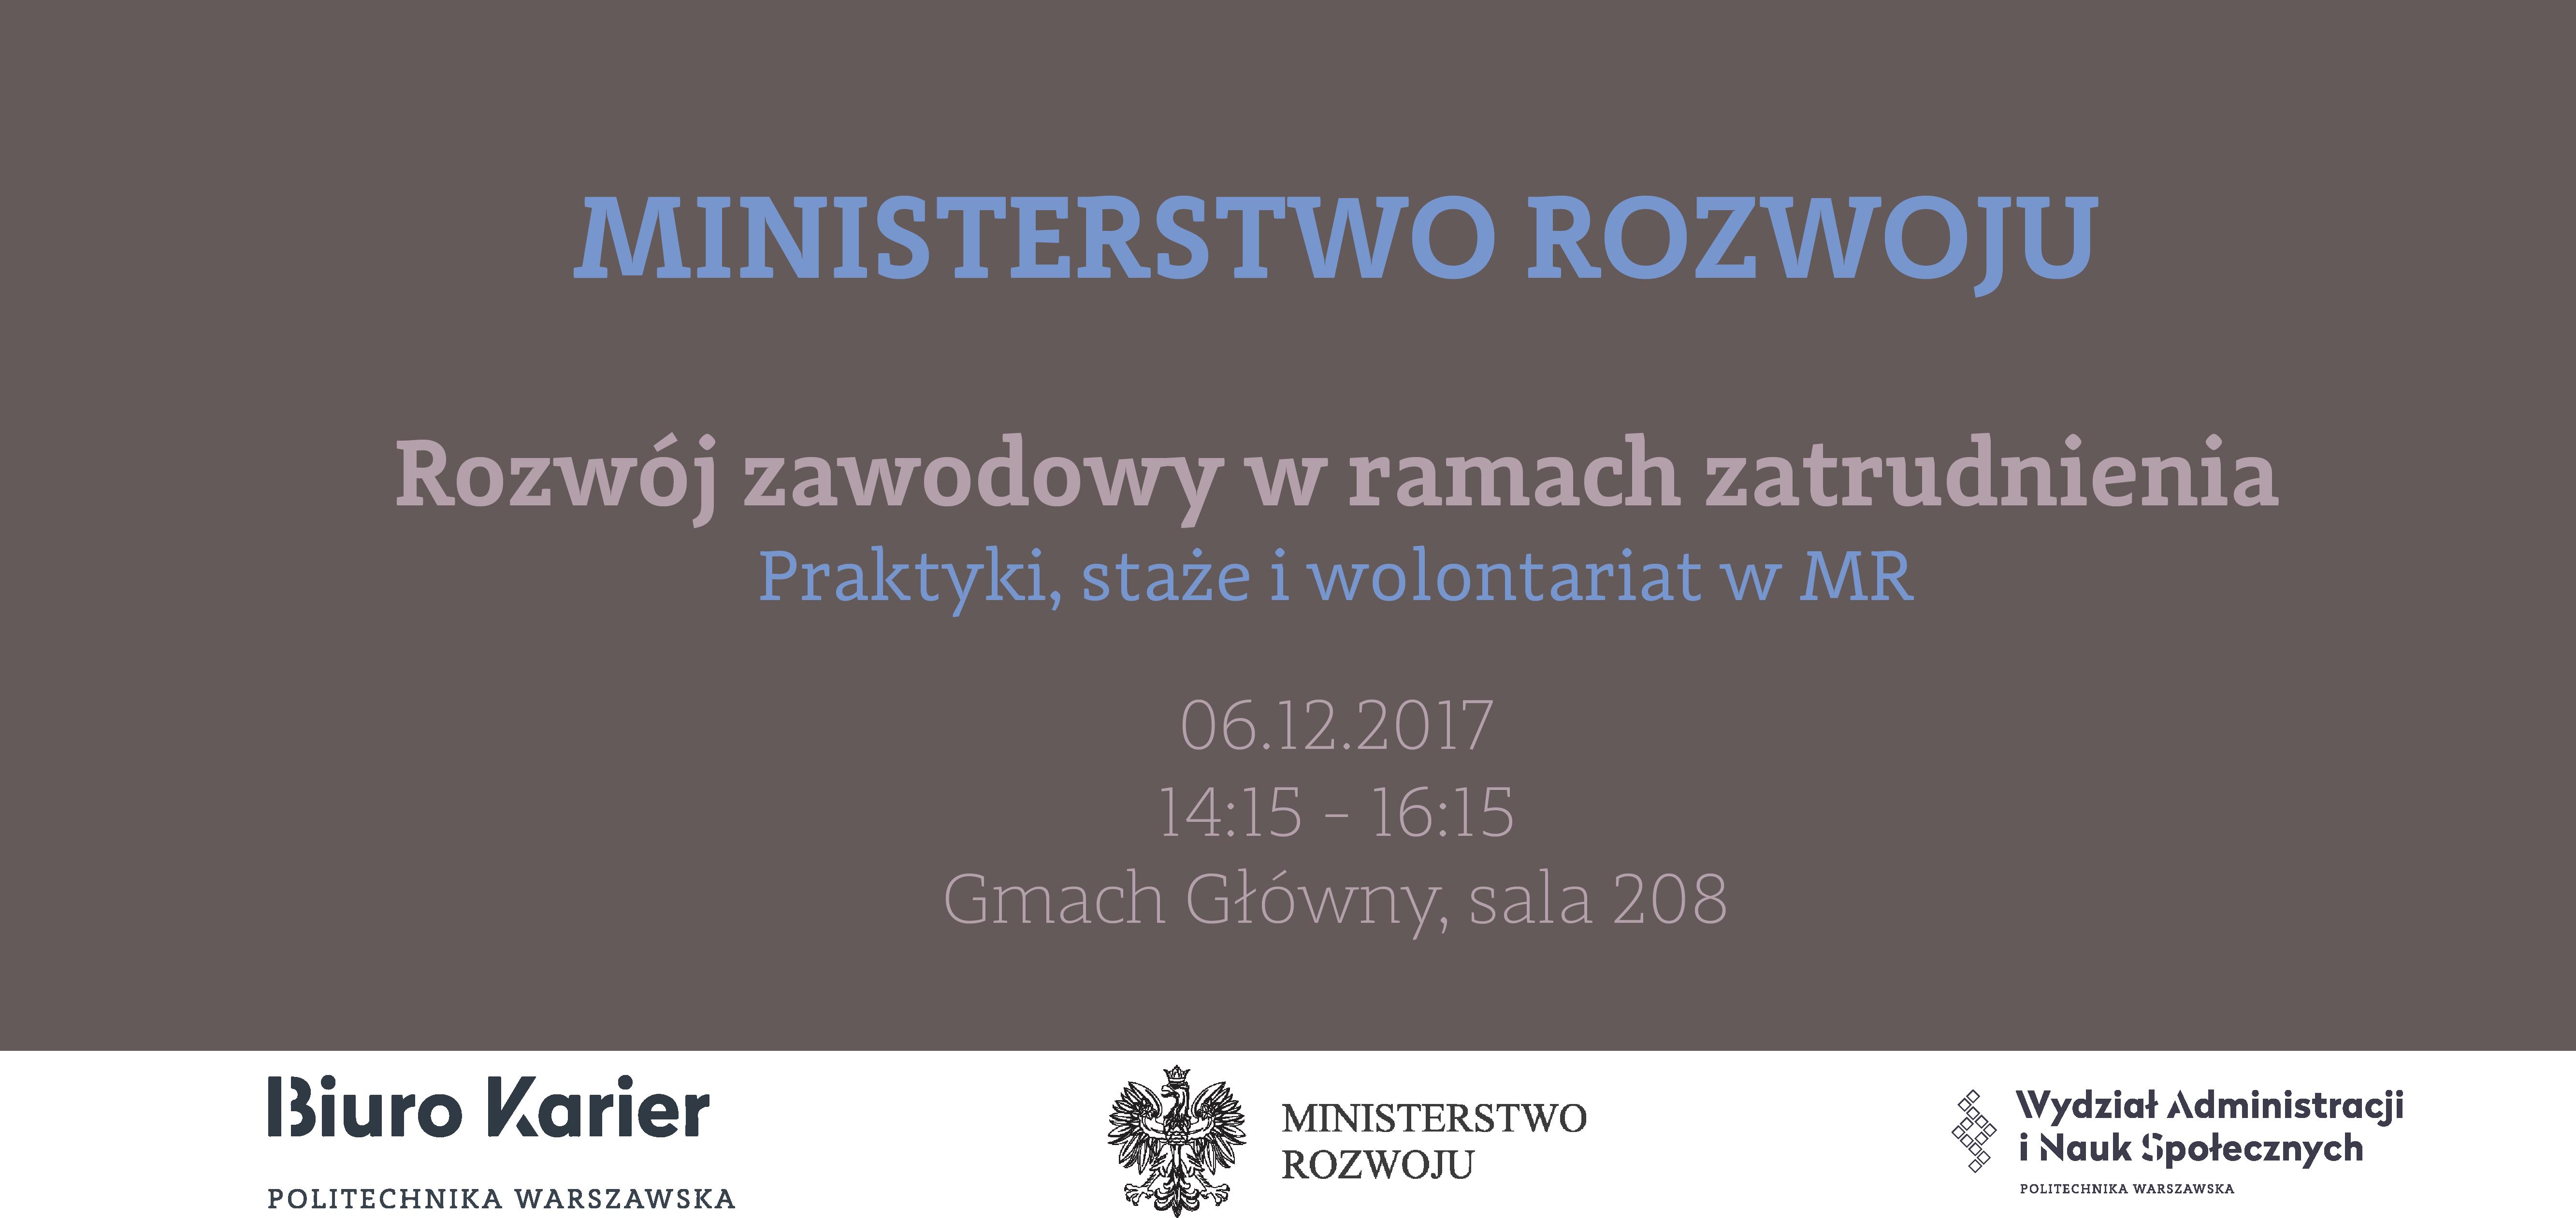 Spotkanie z Ministerstwem Rozwoju na WAiNS